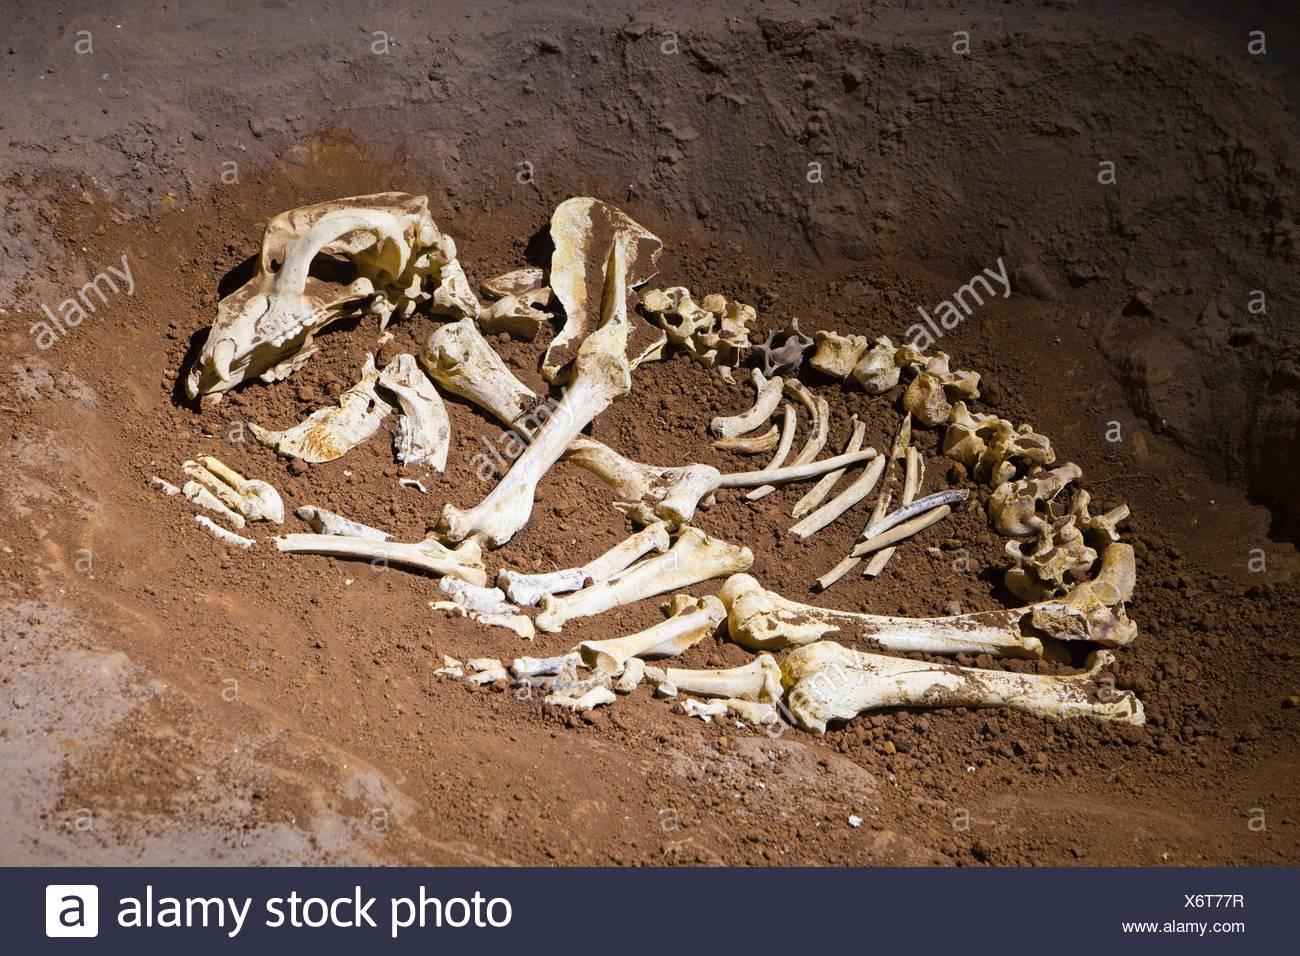 Ekain, Ekainberri Cave  Bones of bear  Zestoa  Cestona  Gipuzkoa  Guipuzcoa  Basque Country  Spain. - Stock Image